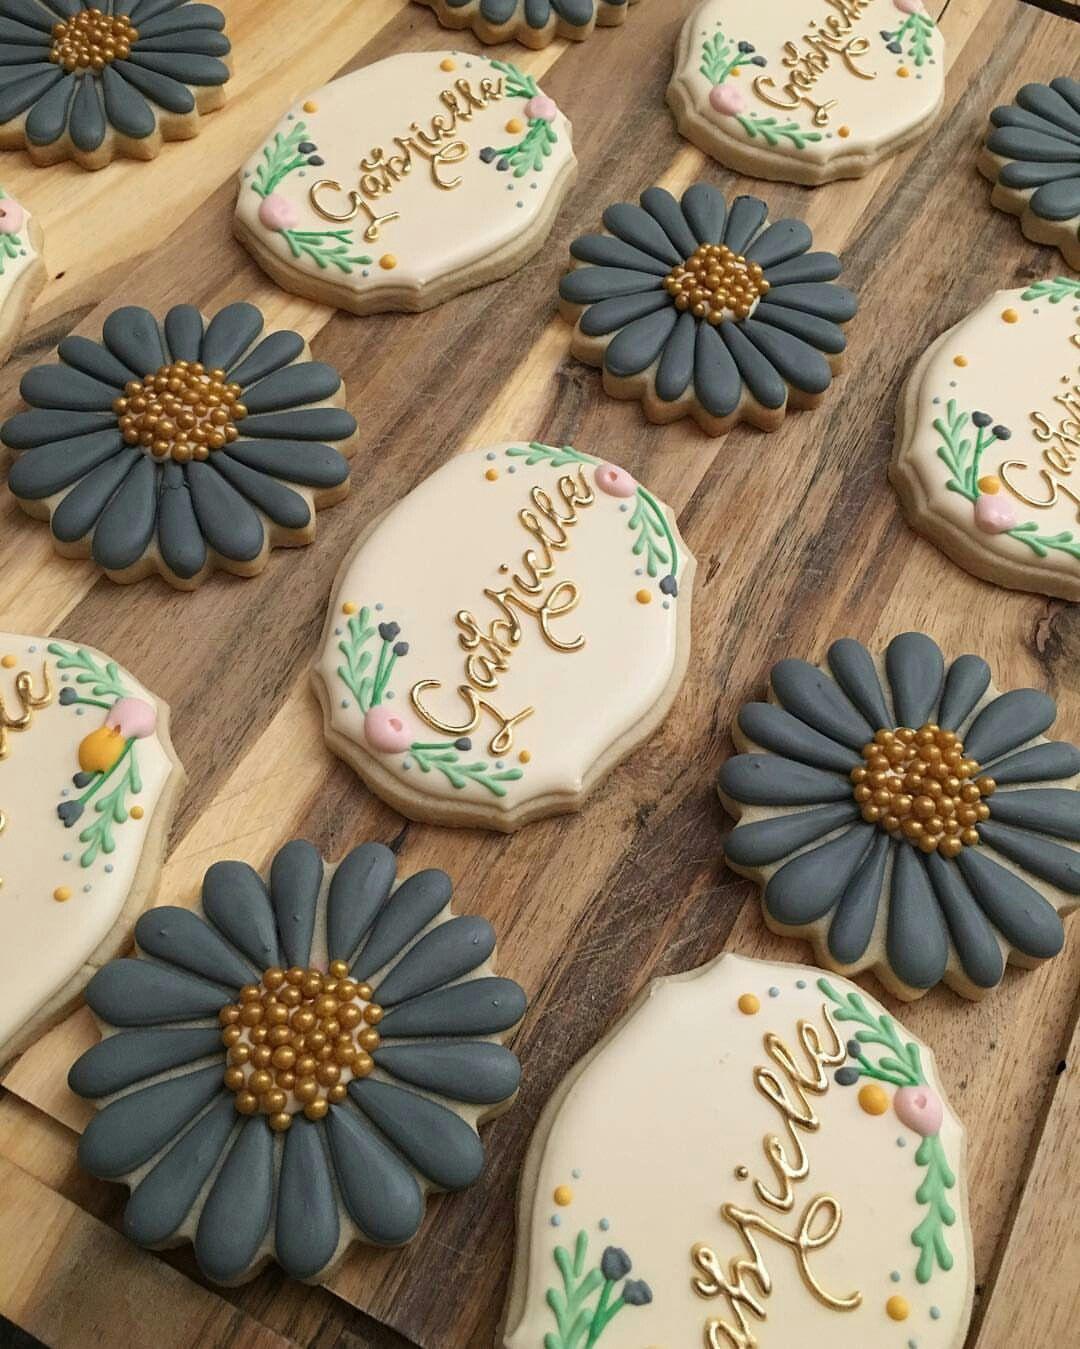 Pin by Sorella Paper Design on Cake & Treats Galorë